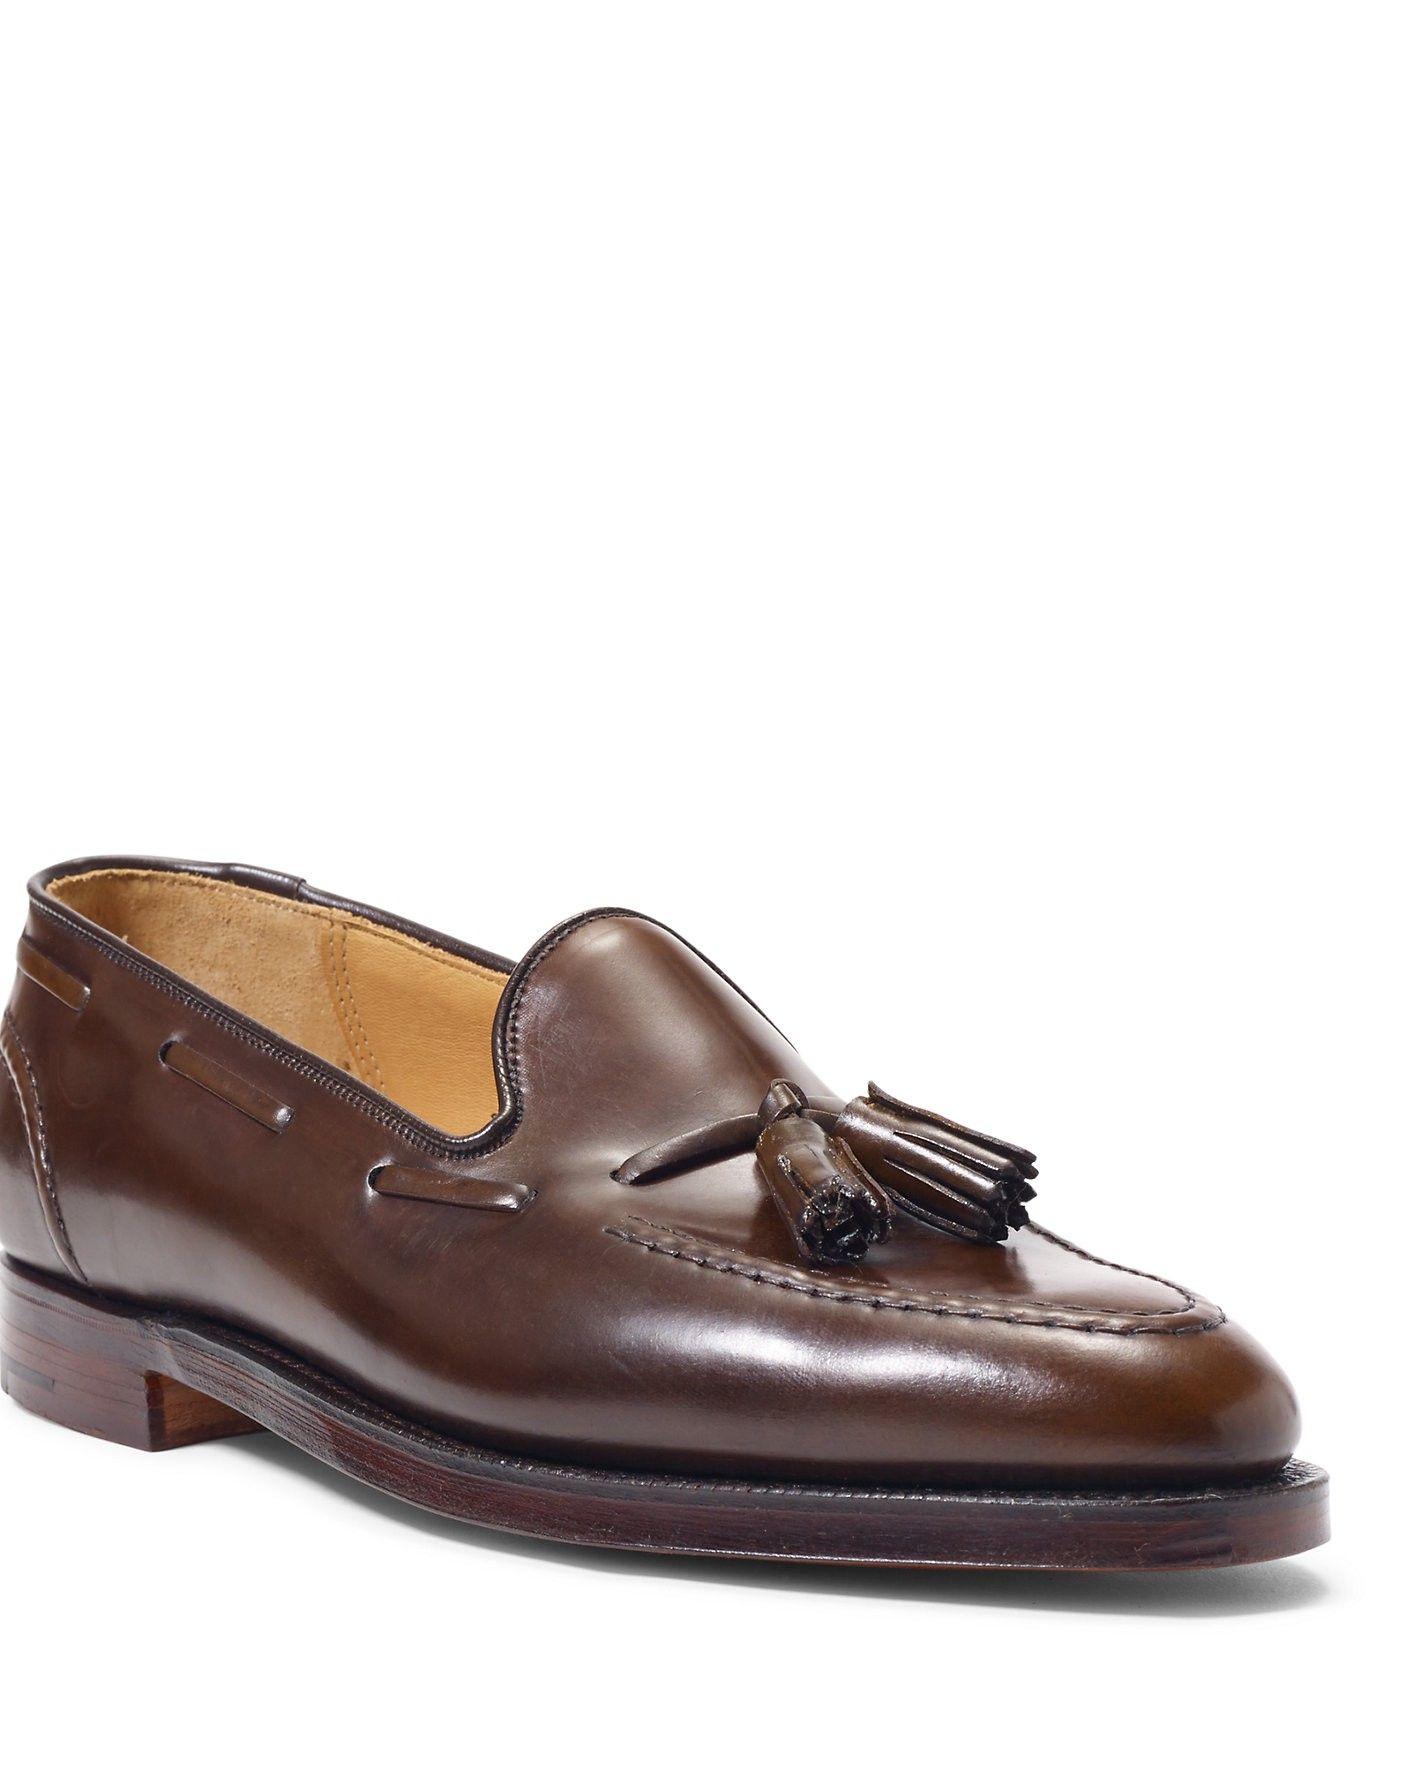 ca11b5769 RALPH LAUREN Ralph Lauren Marlow Cordovan Tassel Loafer. #ralphlauren #shoes  #